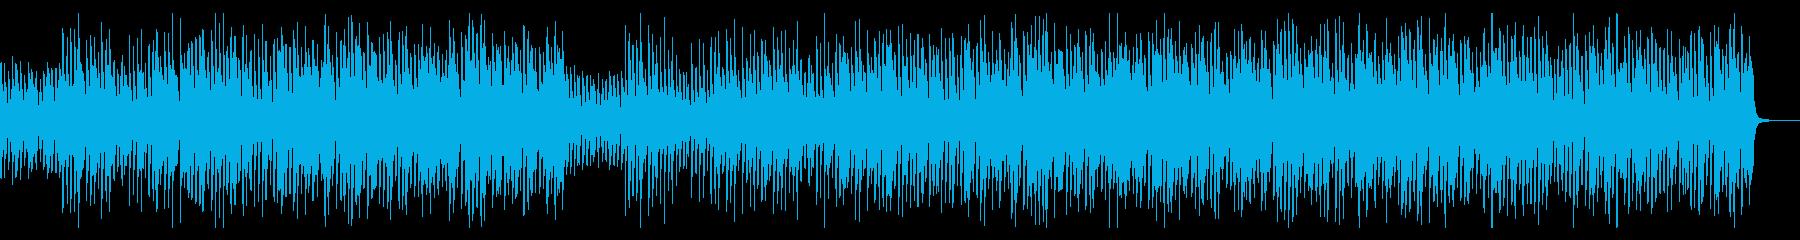 【ドラム抜き】陽気でノリの良いコンセプトの再生済みの波形